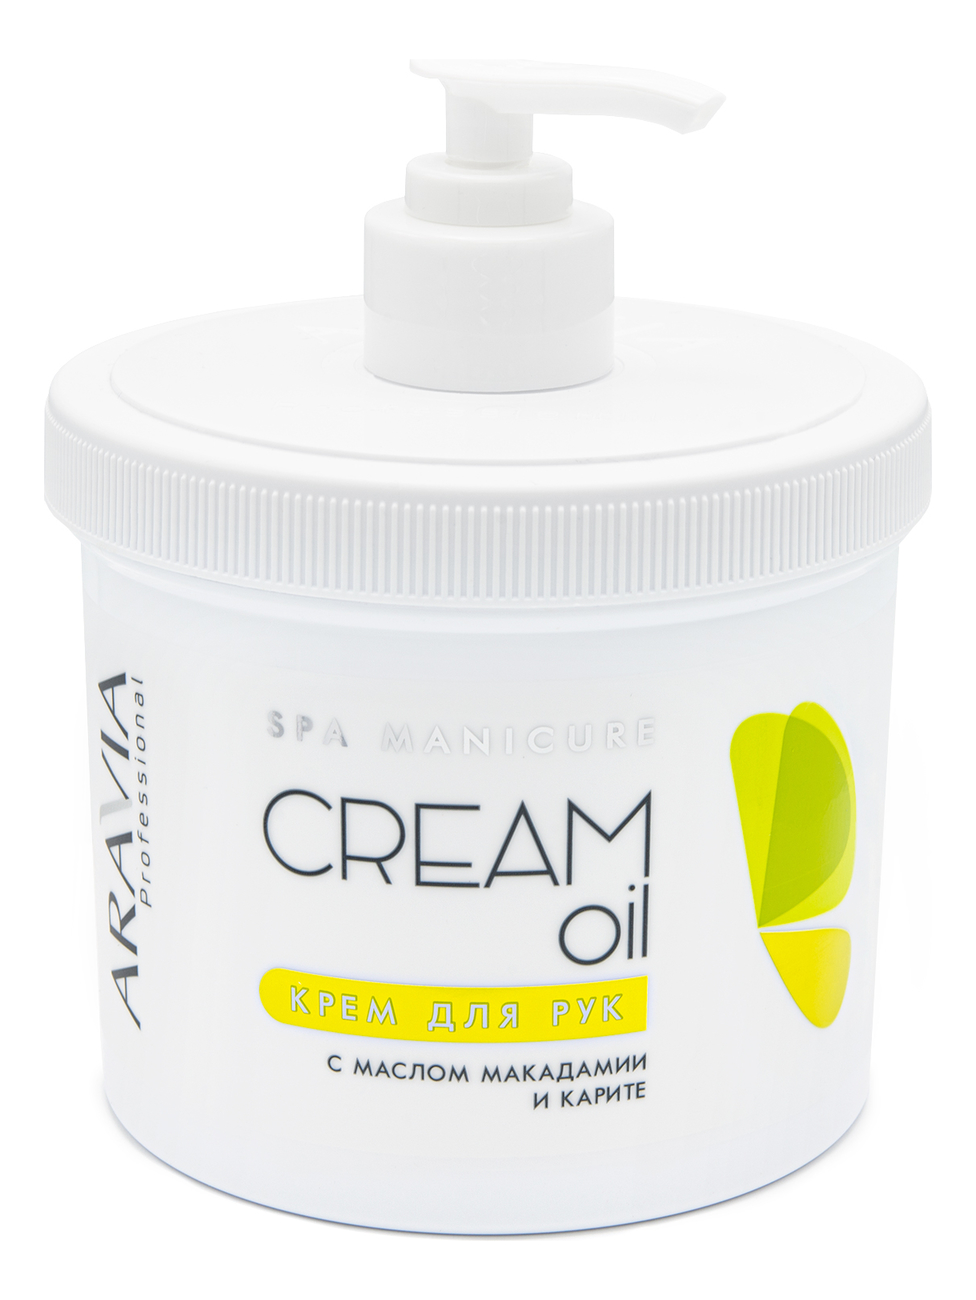 Крем для рук с маслом макадамии и карите Professional Cream Oil: Крем 550мл крем aravia professional cream oil argan